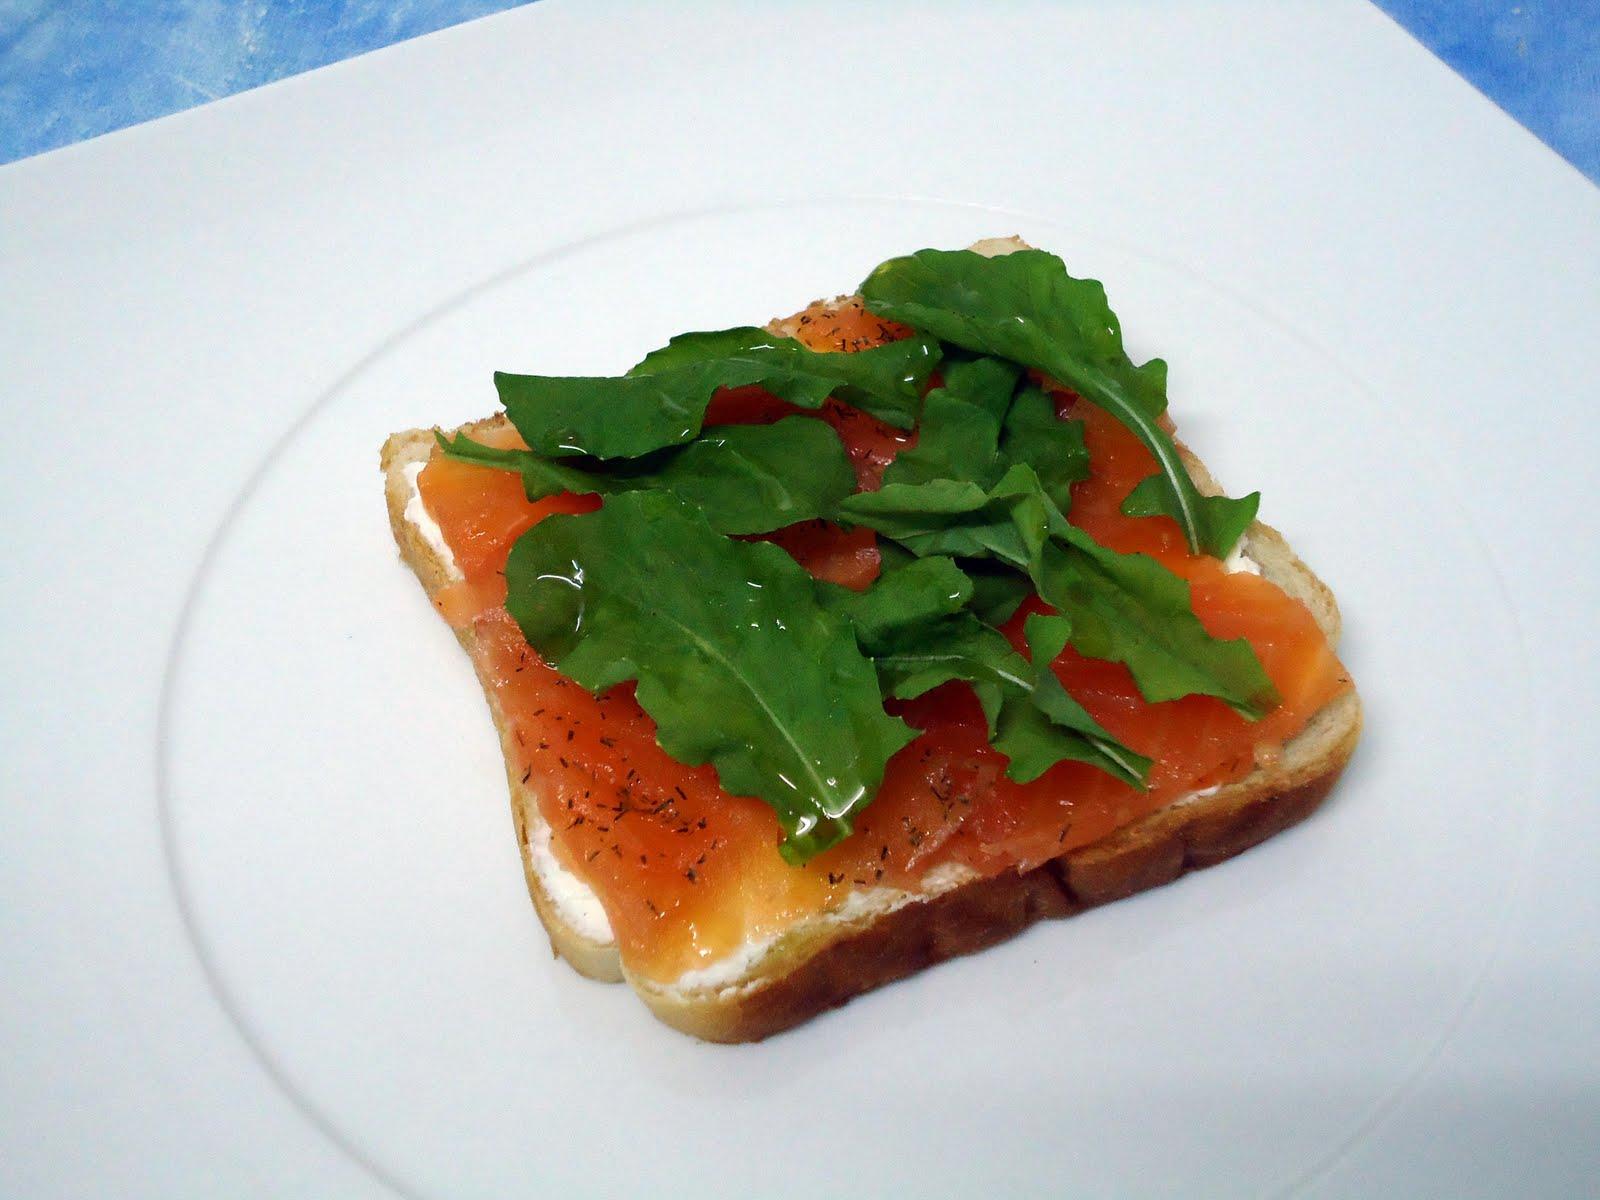 Mis recetas de cocina pincho de salmon ahumado y rucula - Tapas con salmon ahumado ...